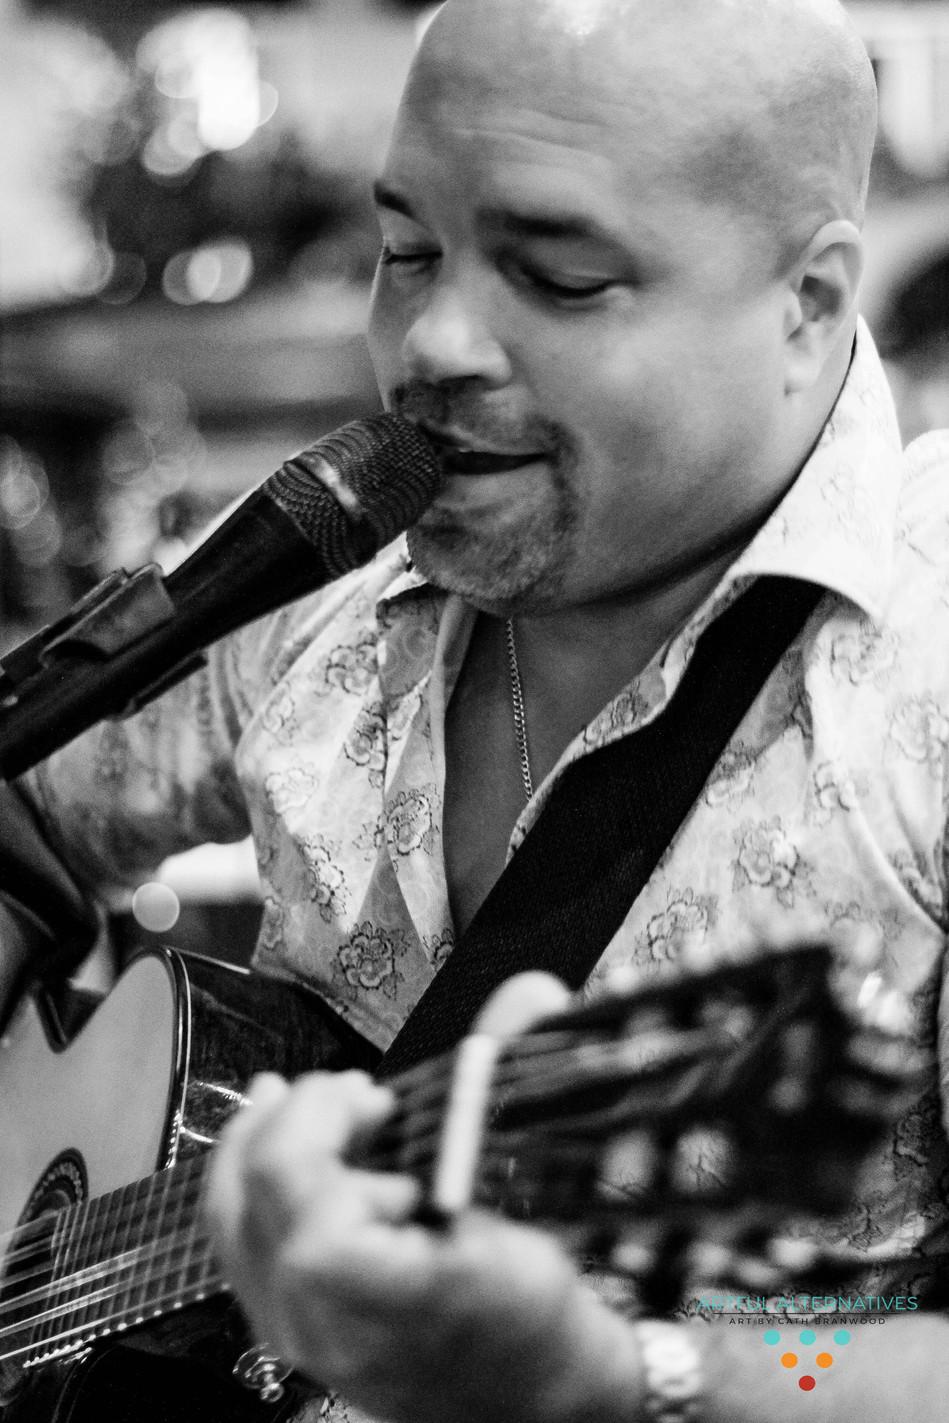 Havy Rodriguez